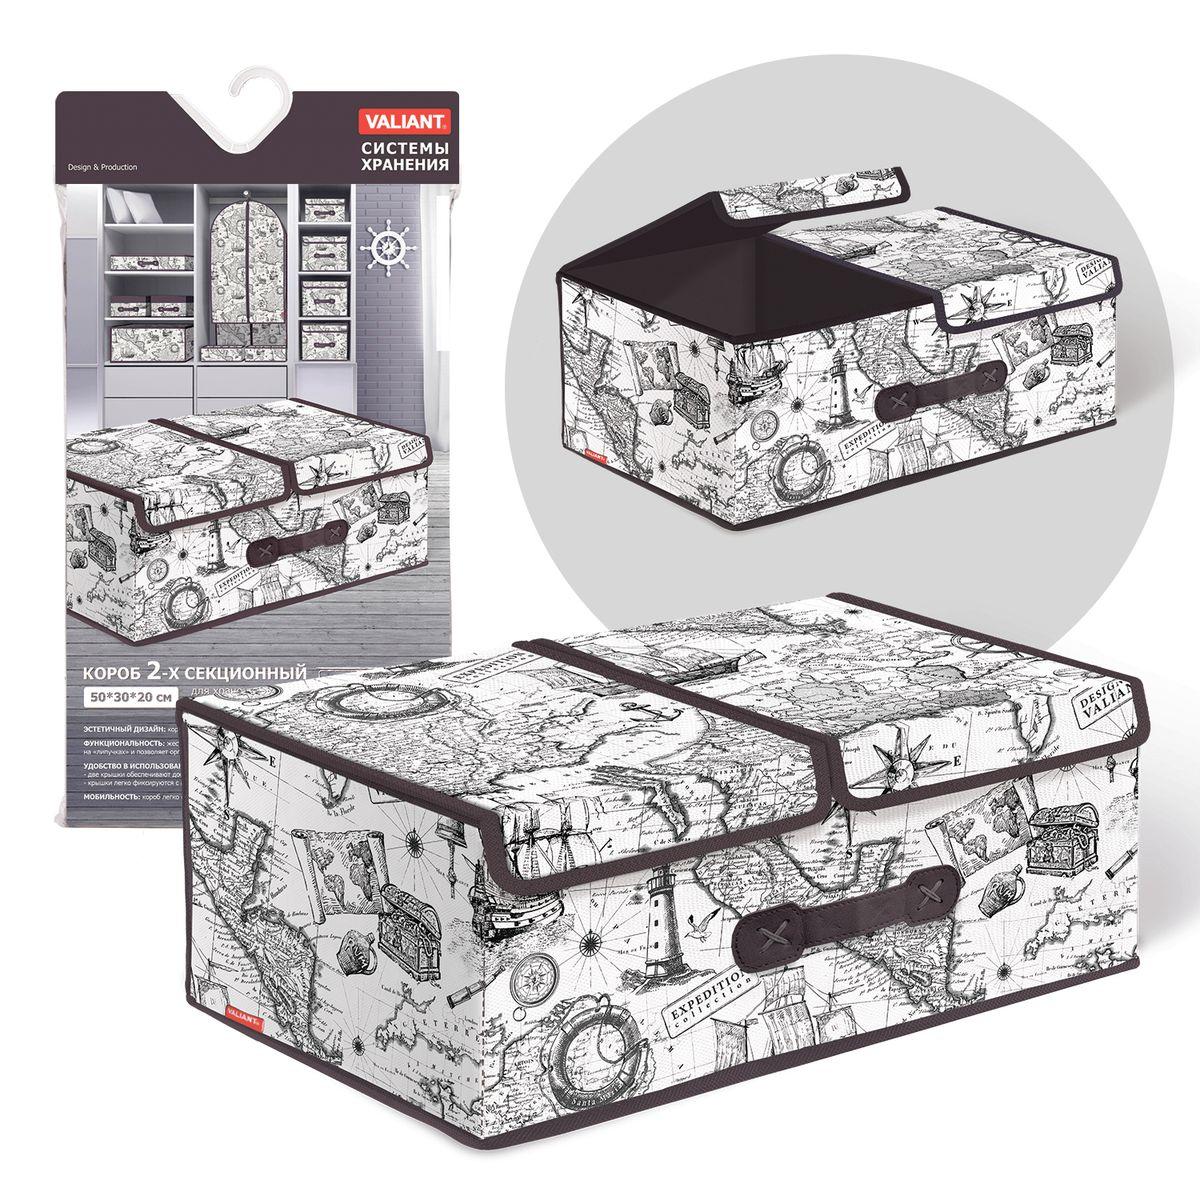 Короб стеллажный Valiant Expedition, двухсекционный, 50 х 30 х 20 смEX-BOX-L2Стеллажный короб Valiant Expedition изготовлен из высококачественного нетканого материала, который обеспечивает естественную вентиляцию, позволяя воздуху проникать внутрь, но не пропускает пыль. Вставки из плотного картона хорошо держат форму. Короб снабжен двумя секциями и специальными крышками, которые фиксируются с помощью липучек. Изделие отличается мобильностью: легко раскладывается и складывается. В таком коробе удобно хранить одежду, белье и мелкие аксессуары. Красивый авторский дизайн прекрасно впишется в интерьер. Система хранения Valiant Expedition в едином дизайне сделает вашу гардеробную изысканной и невероятно стильной.